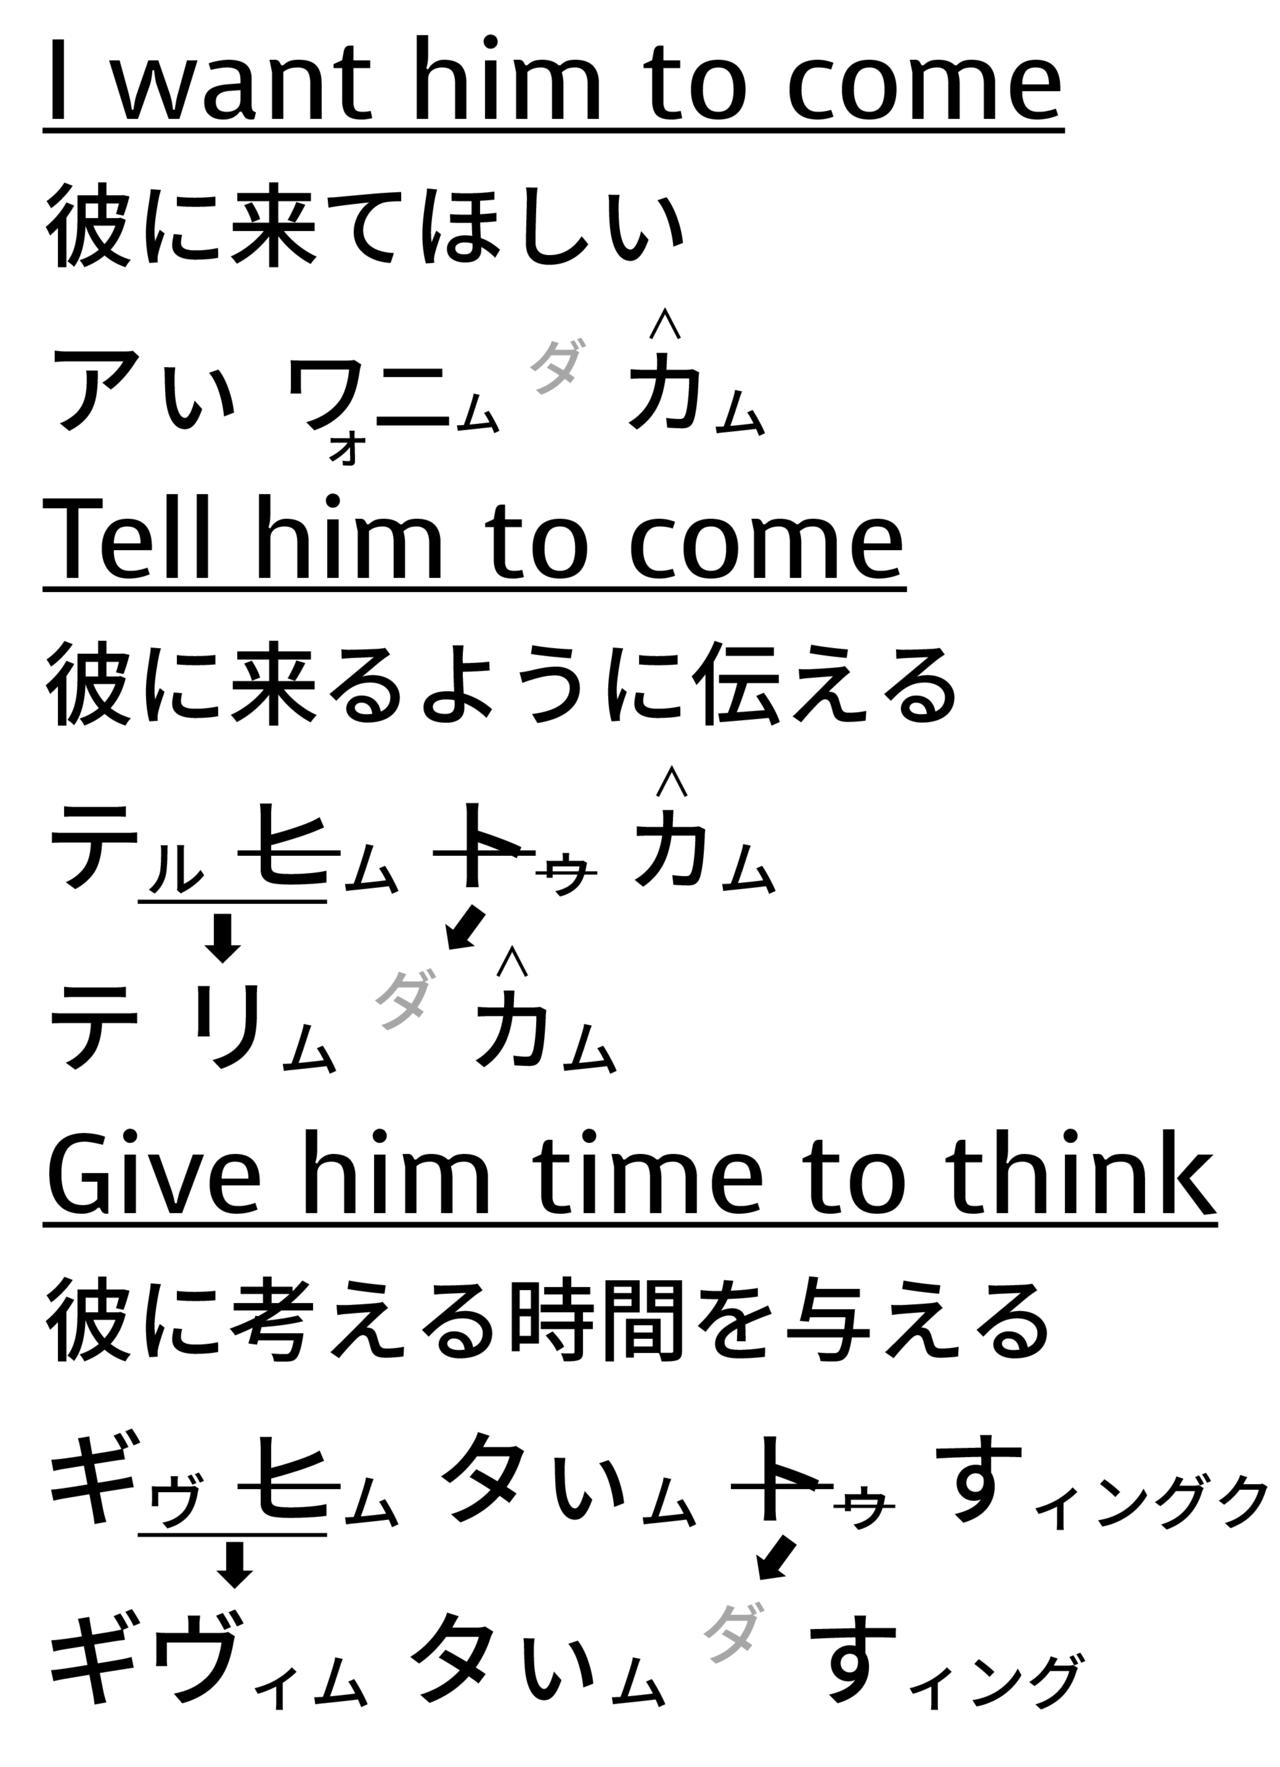 アぃワォ二ムダカム-06